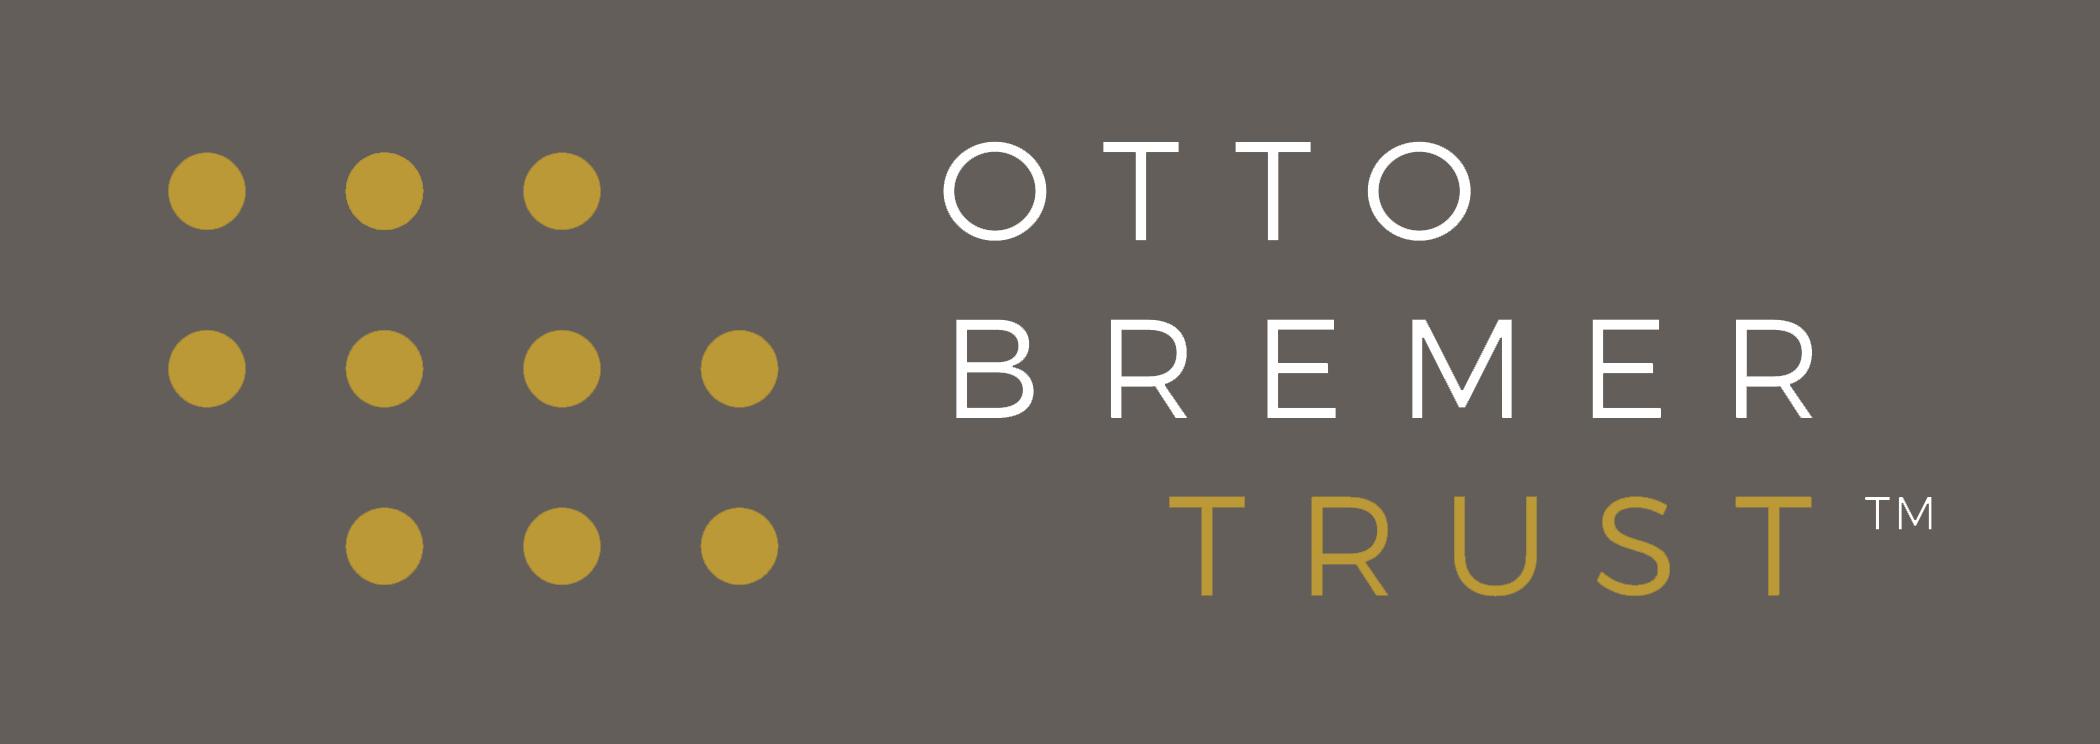 Otto Bremer Trust Grant